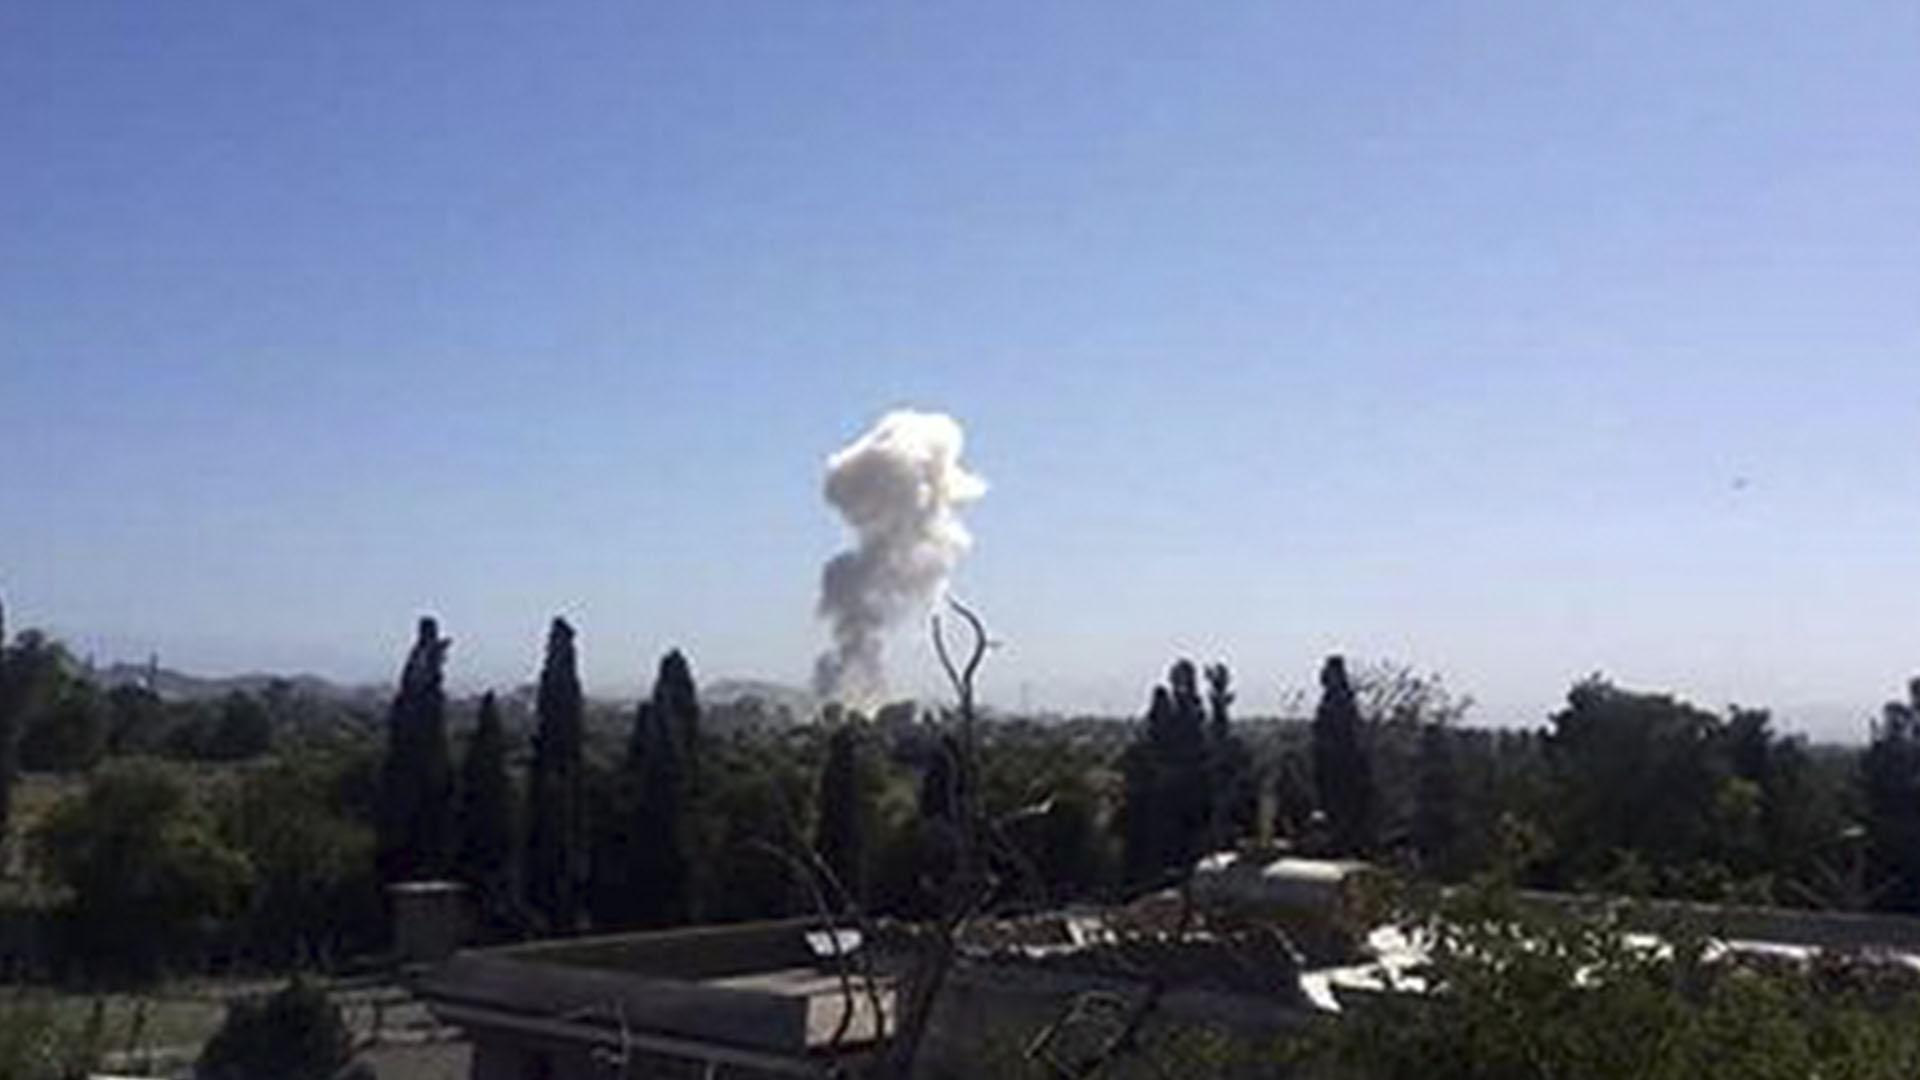 Ningún grupo insurgente ha reclamado todavía la autoría del atentado